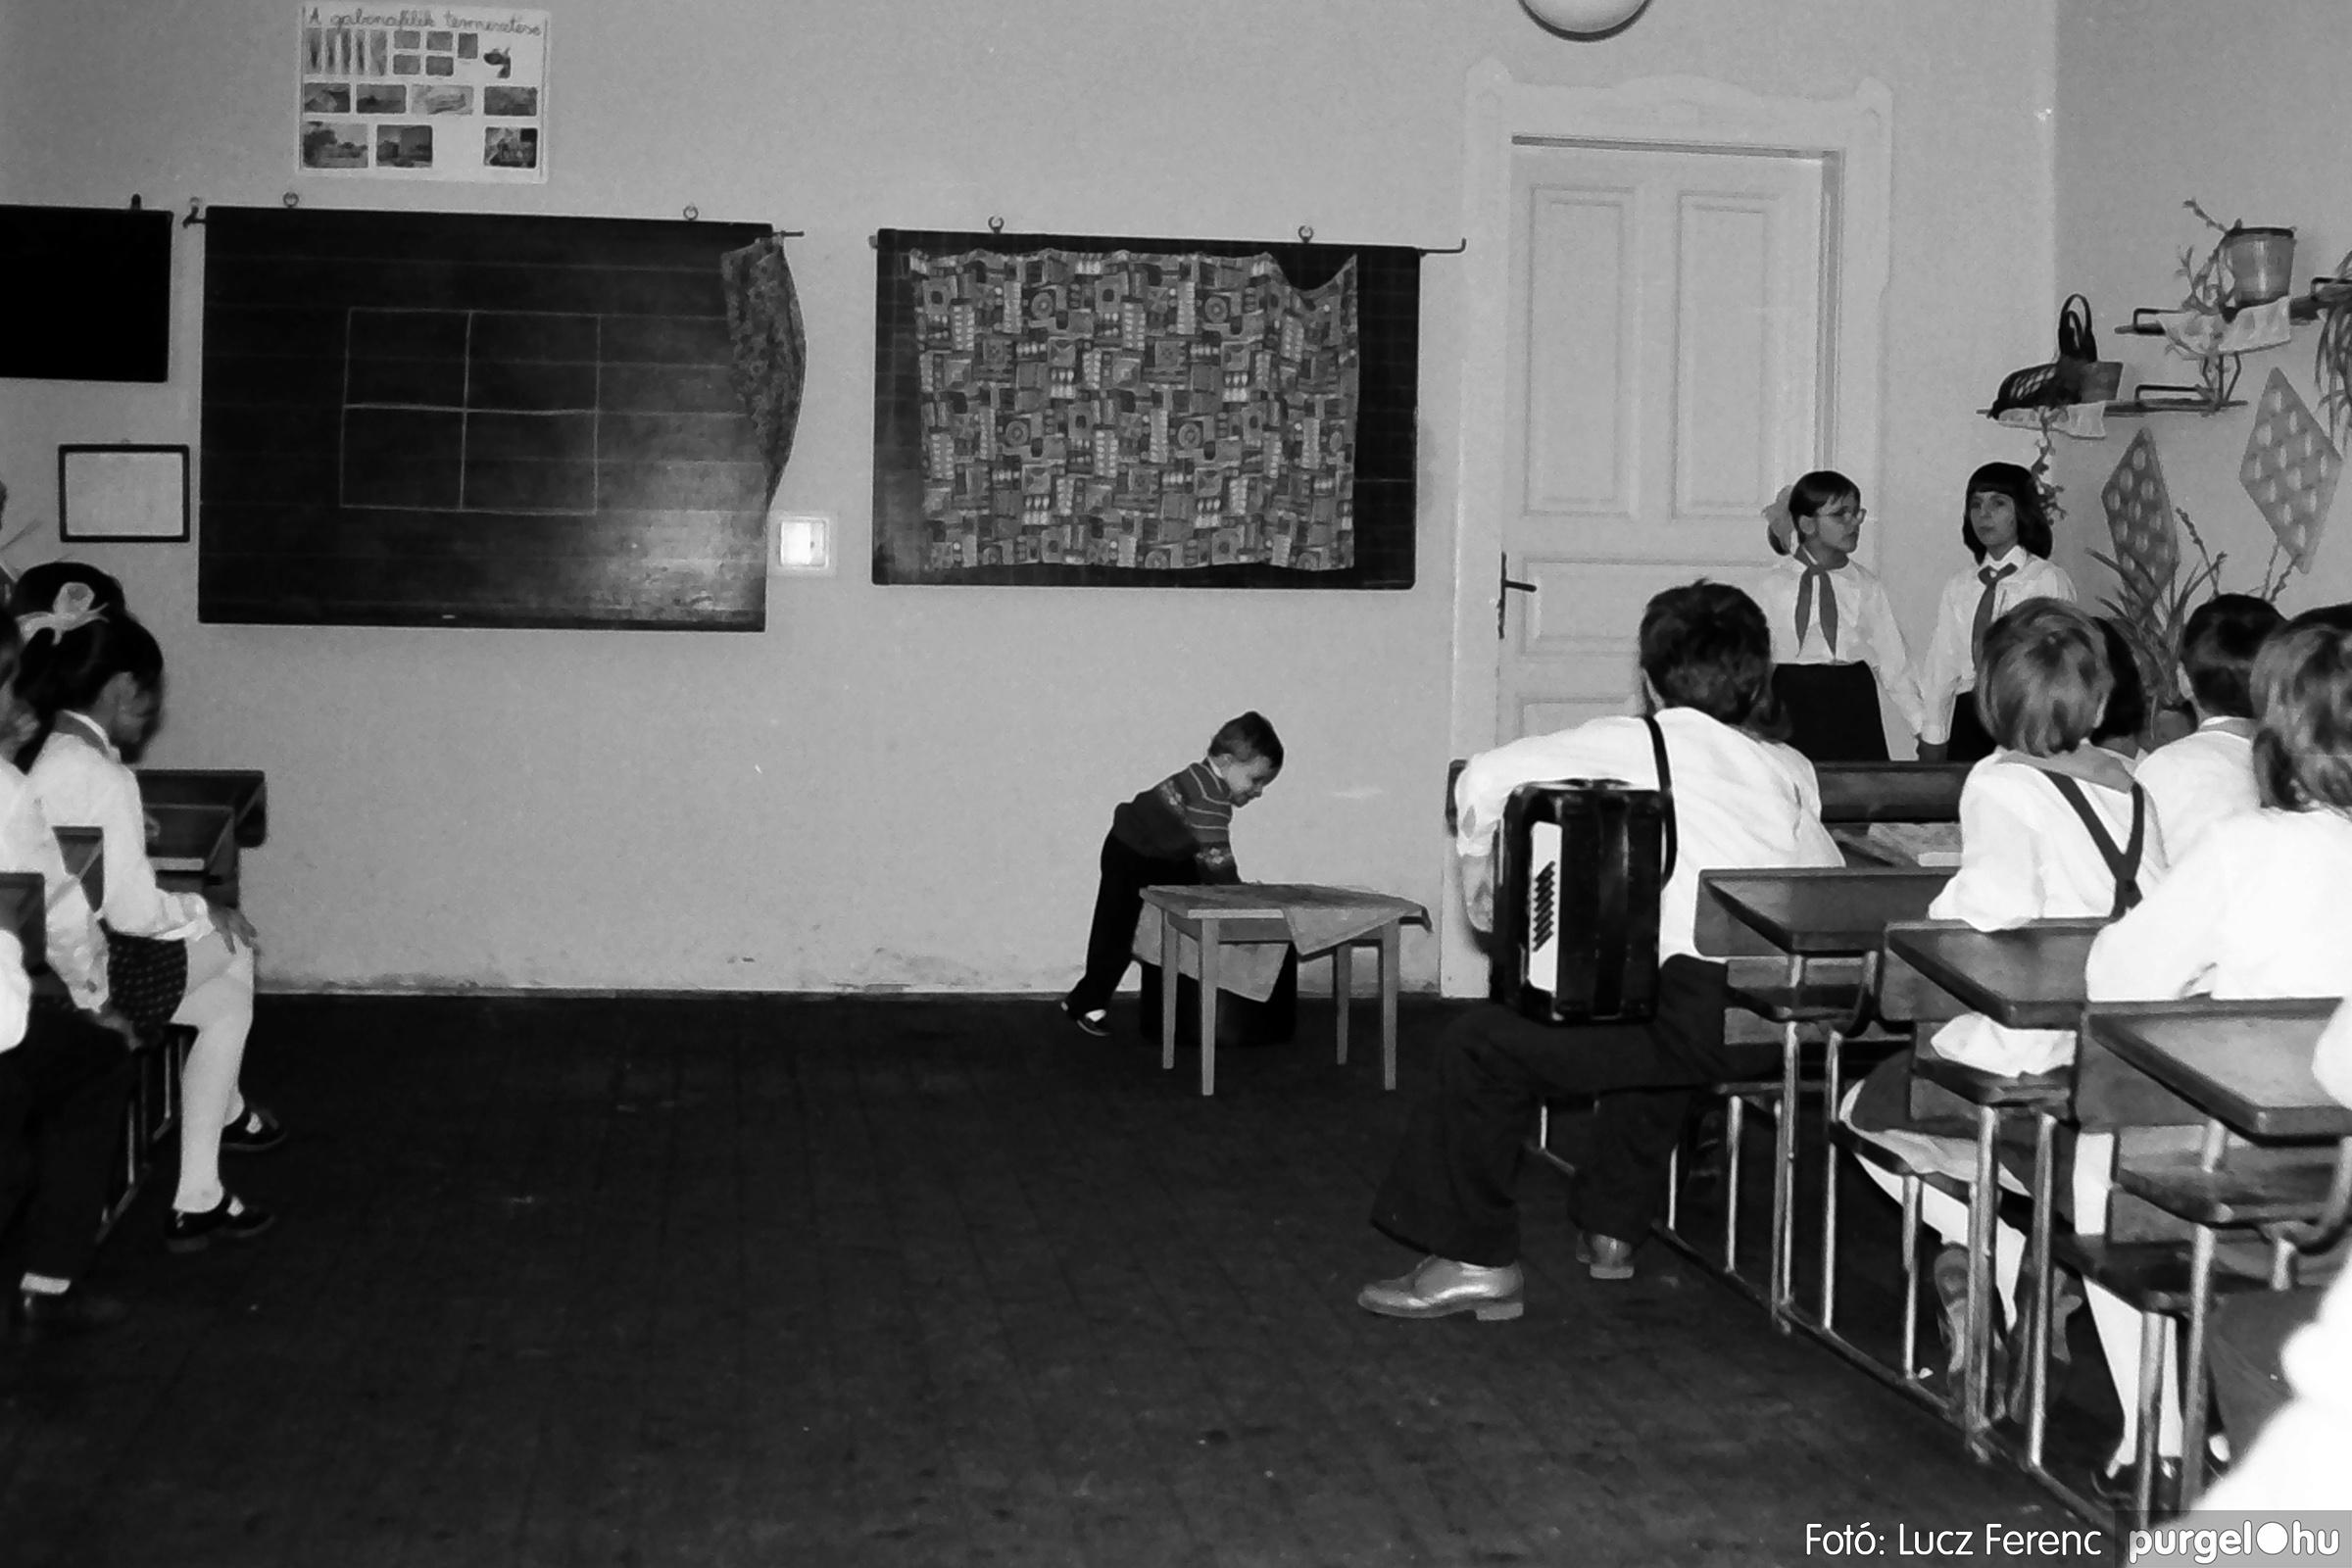 042-043. 1976. Program az újfalusi iskolában 002. - Fotó: Lucz Ferenc - IMG00239q.jpg